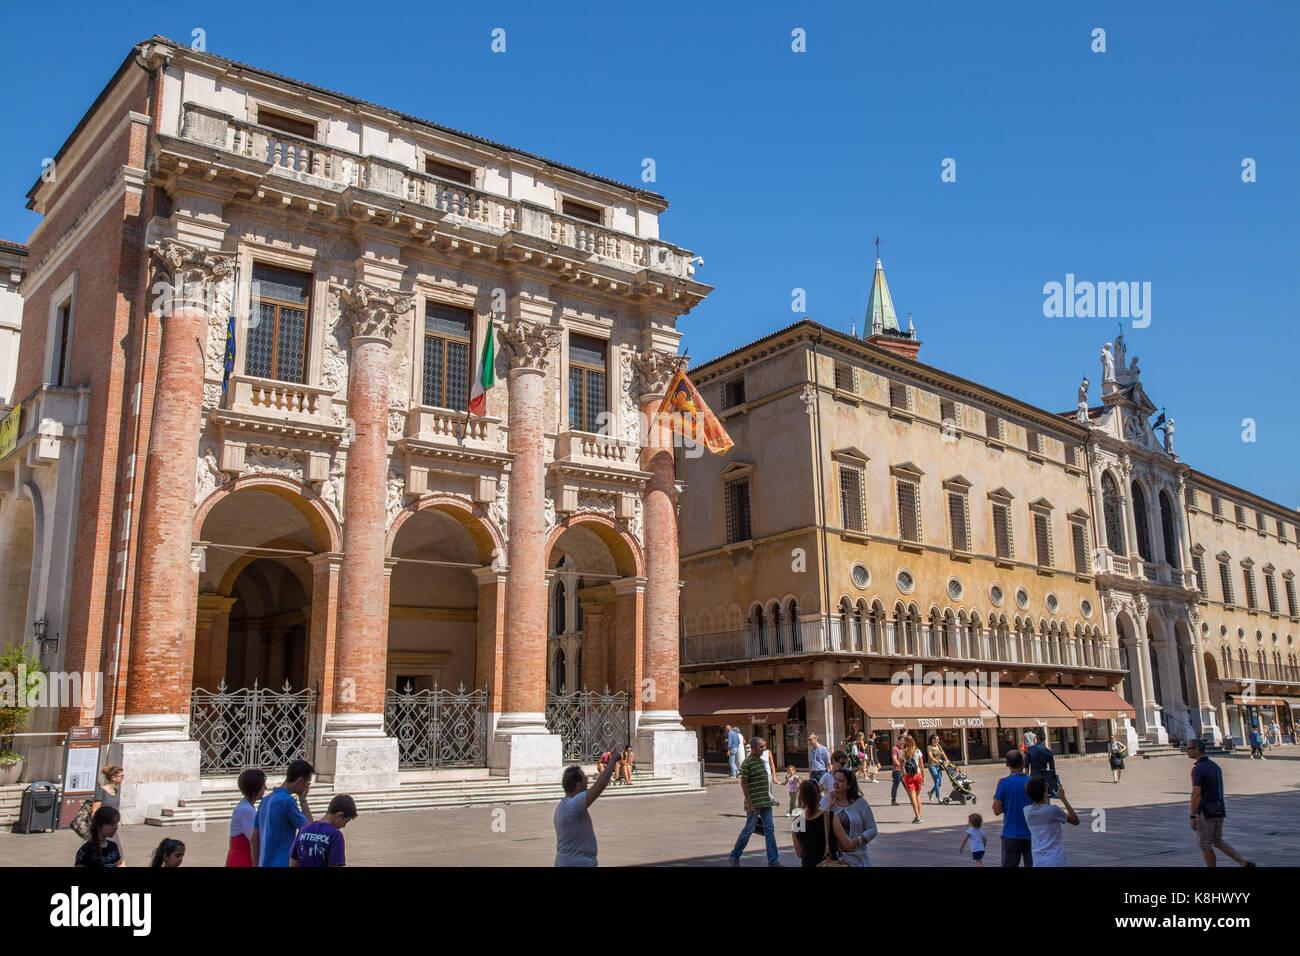 Piazza dei Signori with loggia del Capitanio and Church of St. Vincent buildings, Vicenza, Italy - Stock Image